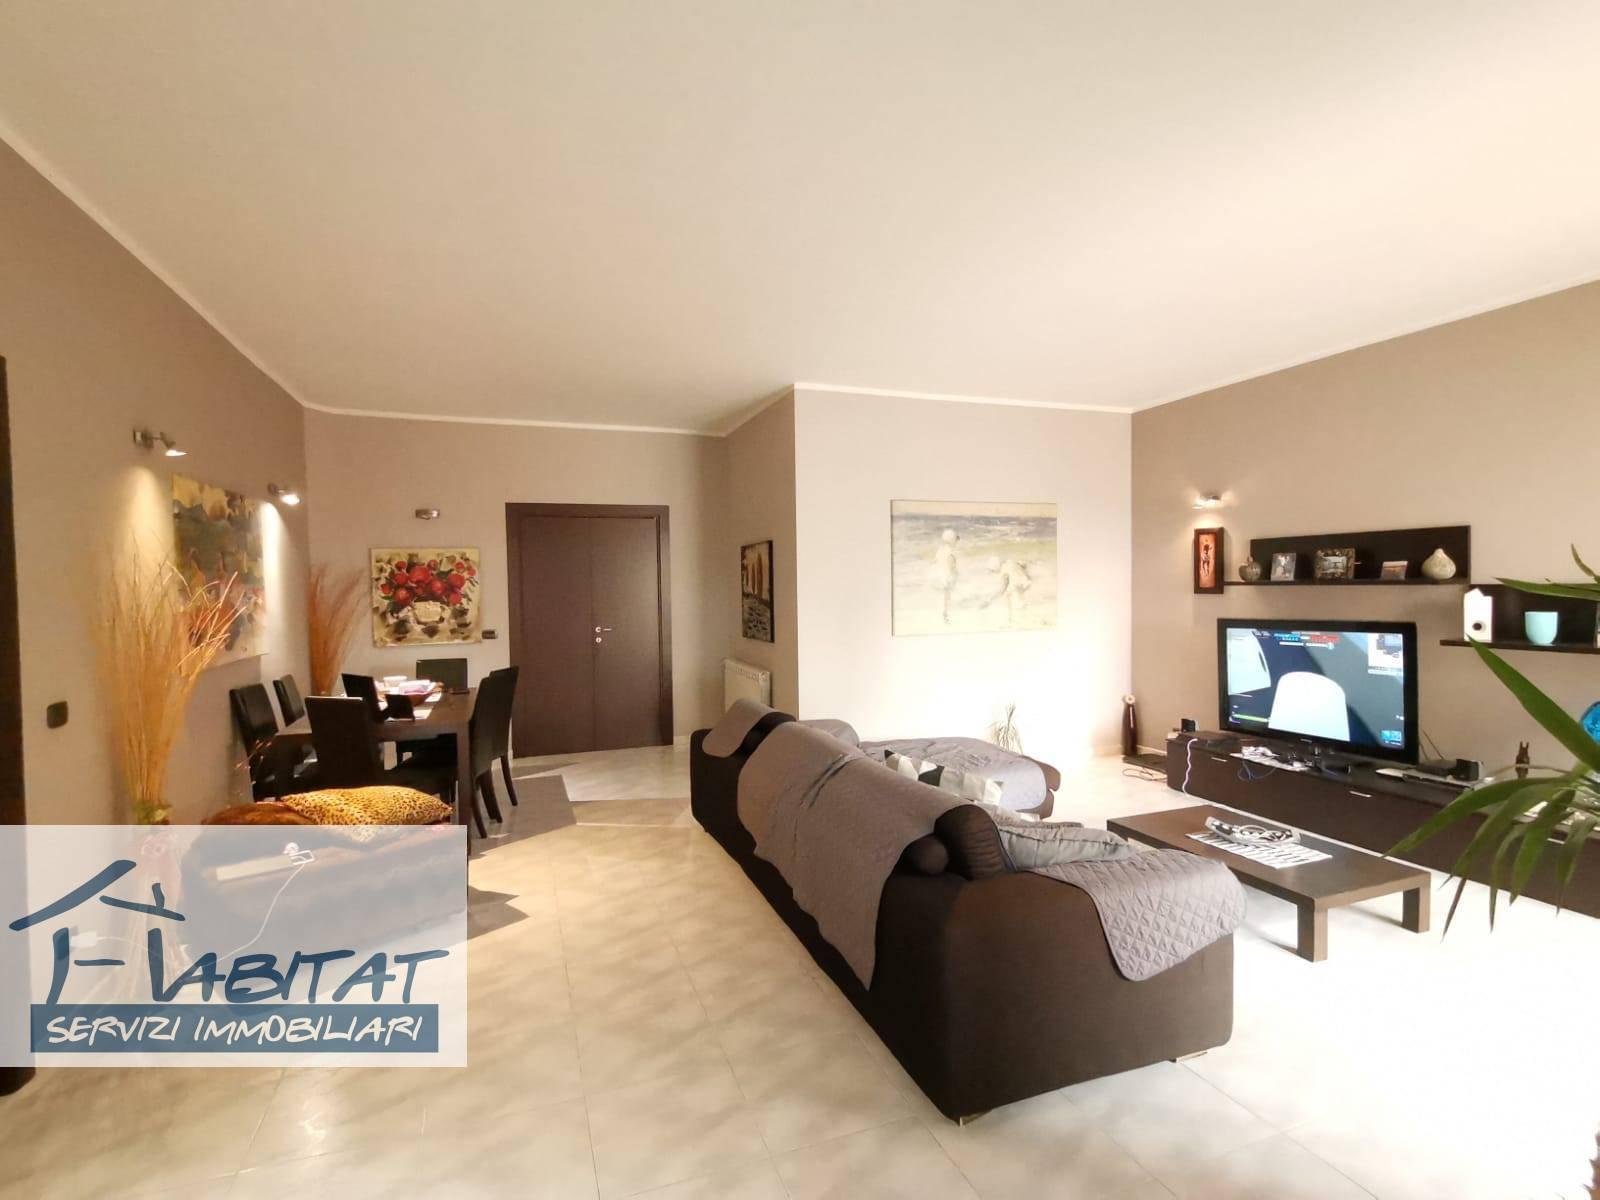 Appartamento in vendita a Agrigento, 5 locali, zona Località: SanMichele, prezzo € 140.000 | PortaleAgenzieImmobiliari.it